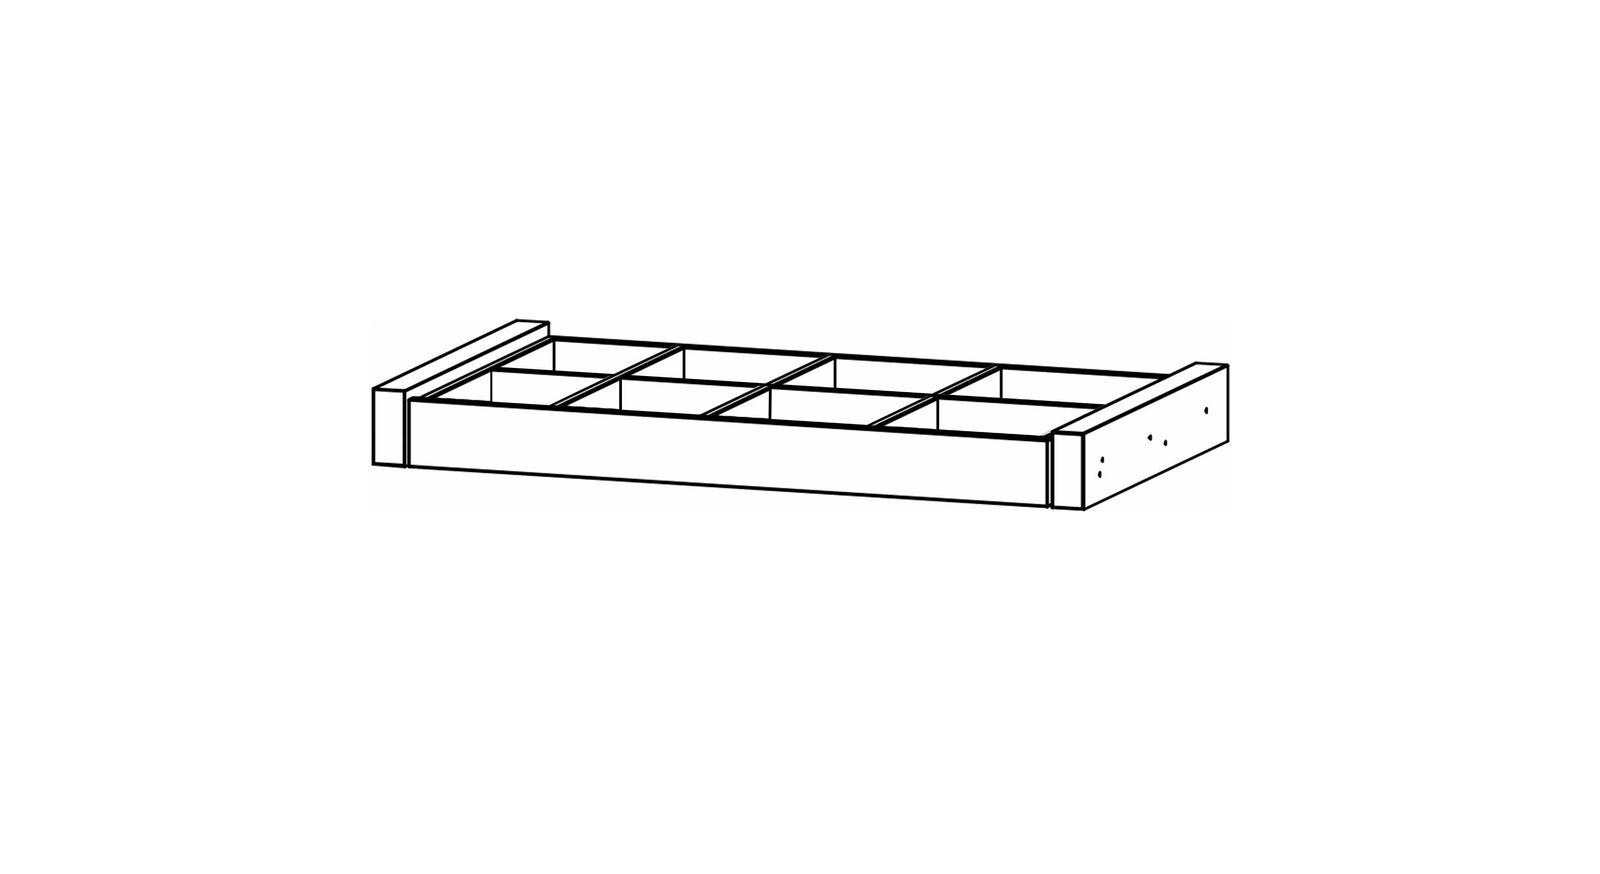 Schwebetüren-Schrank-Zubehör Eleisa - Auszugsboden mit Schubladeneinsatz